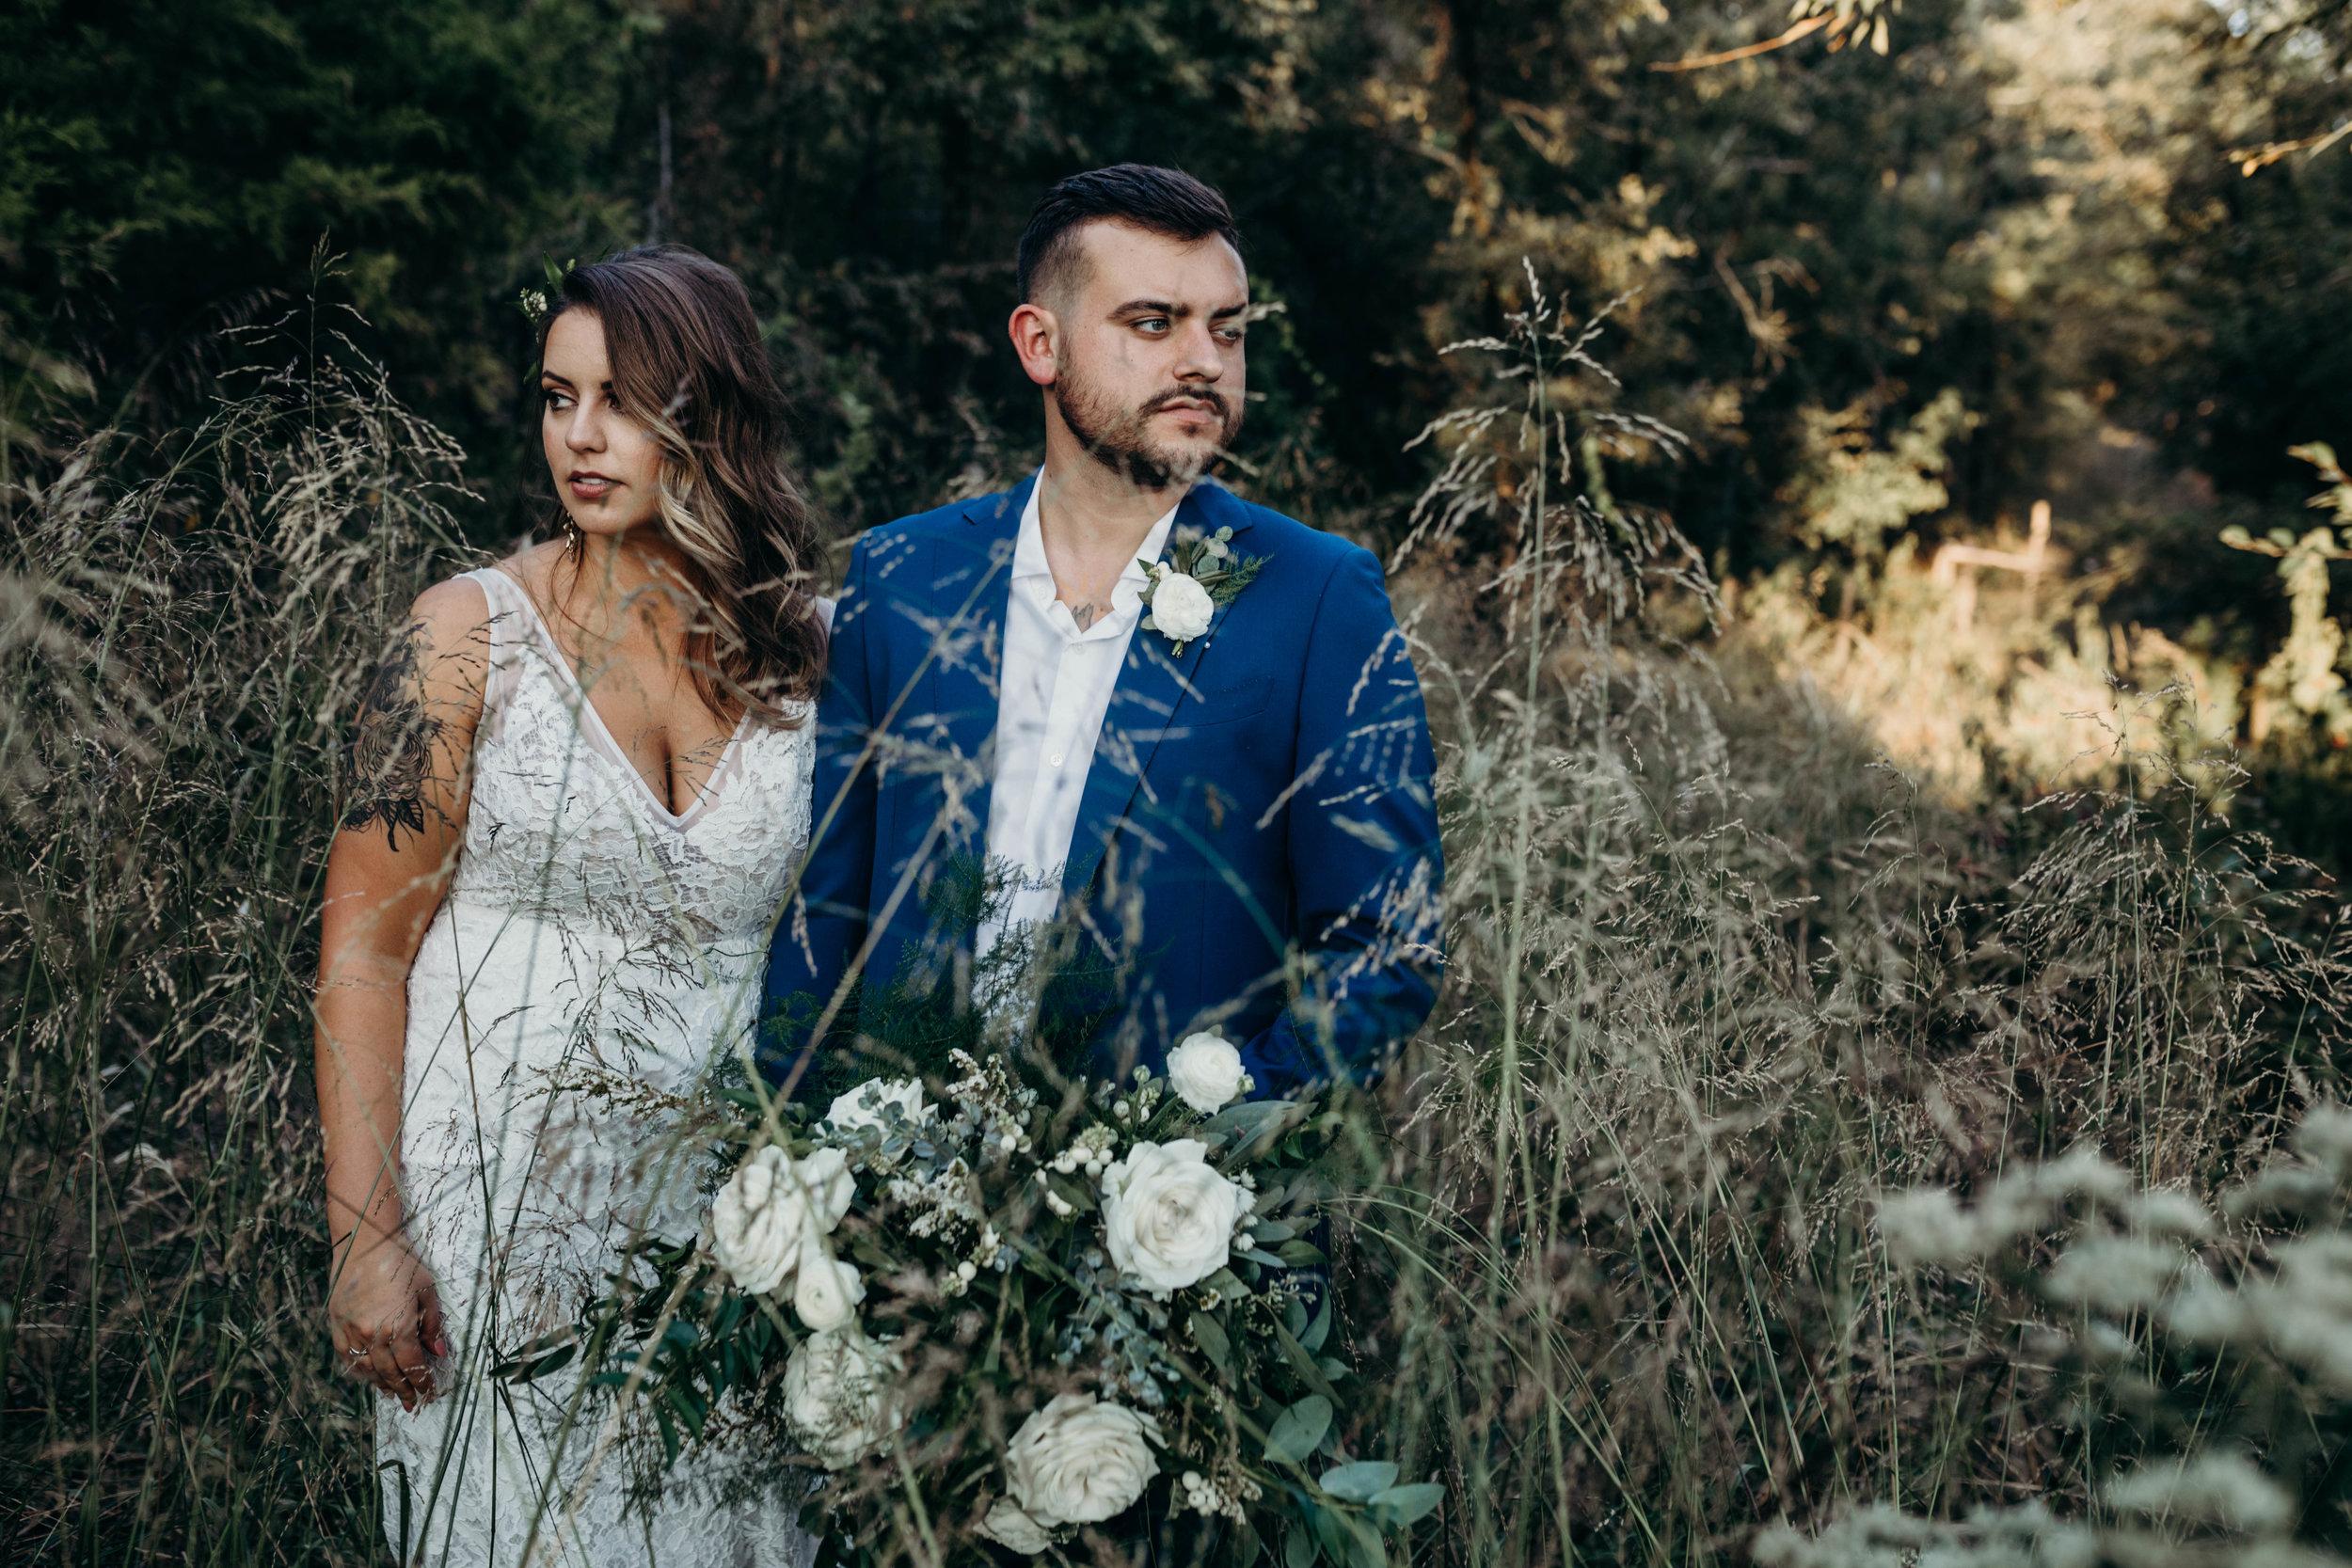 dietzen_aubrey-texas-the-springs-wedding_029-1.jpg